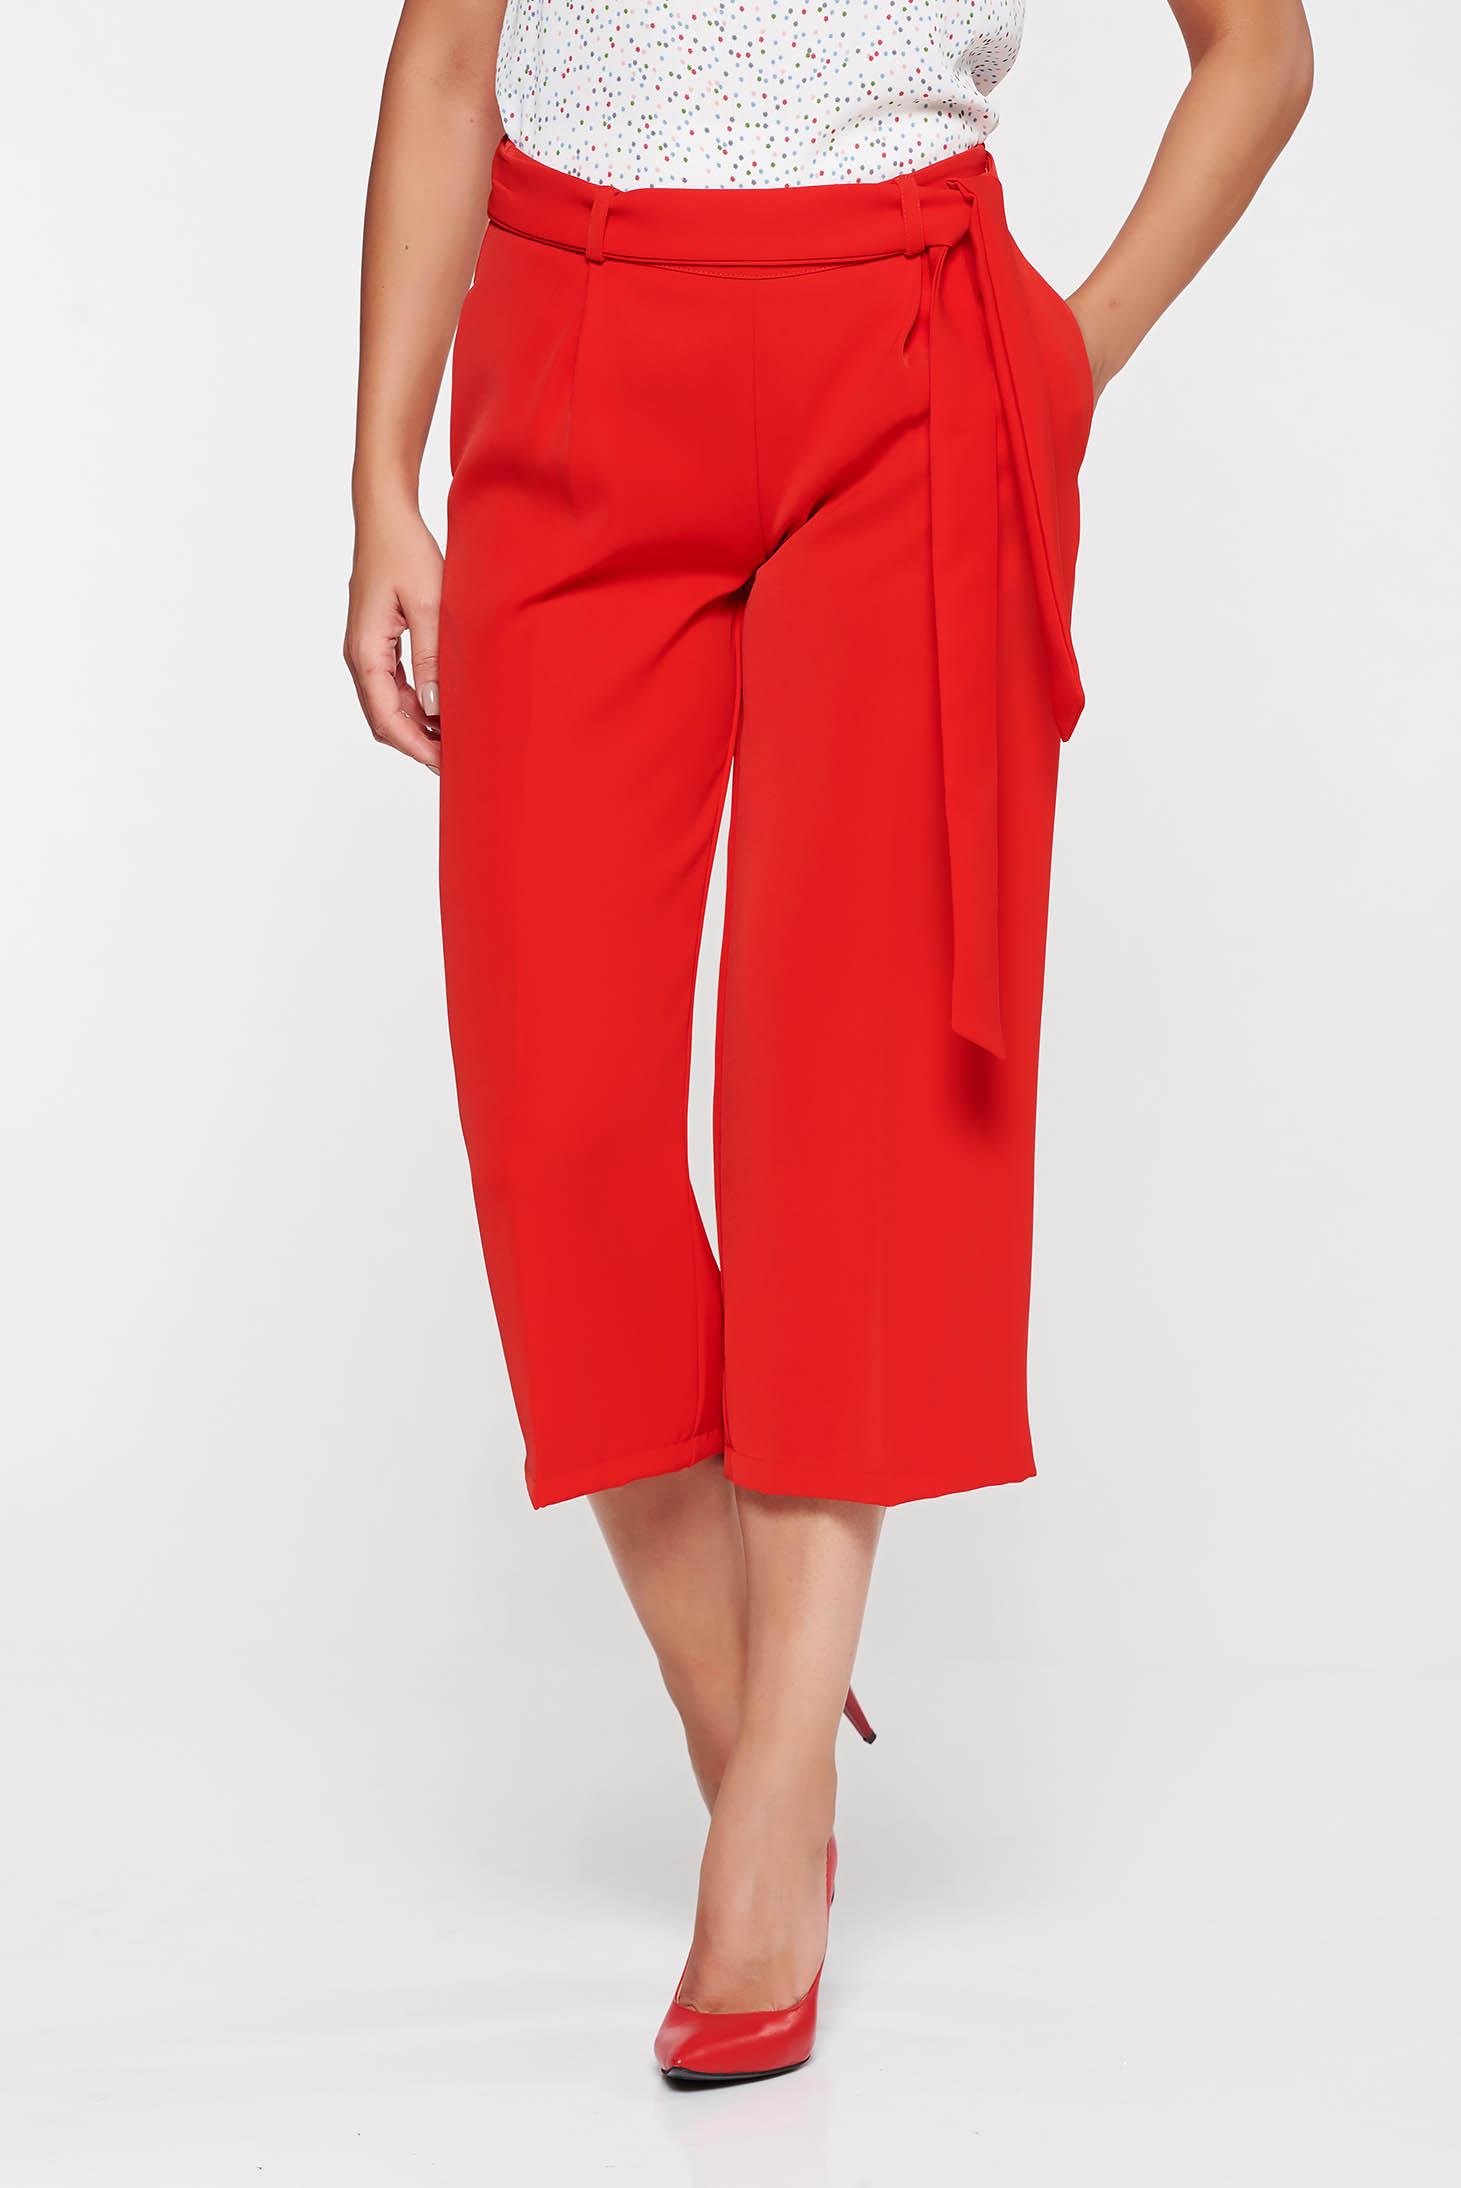 Pantaloni PrettyGirl rosii cu talie inalta cu un croi evazat accesorizati cu cordon